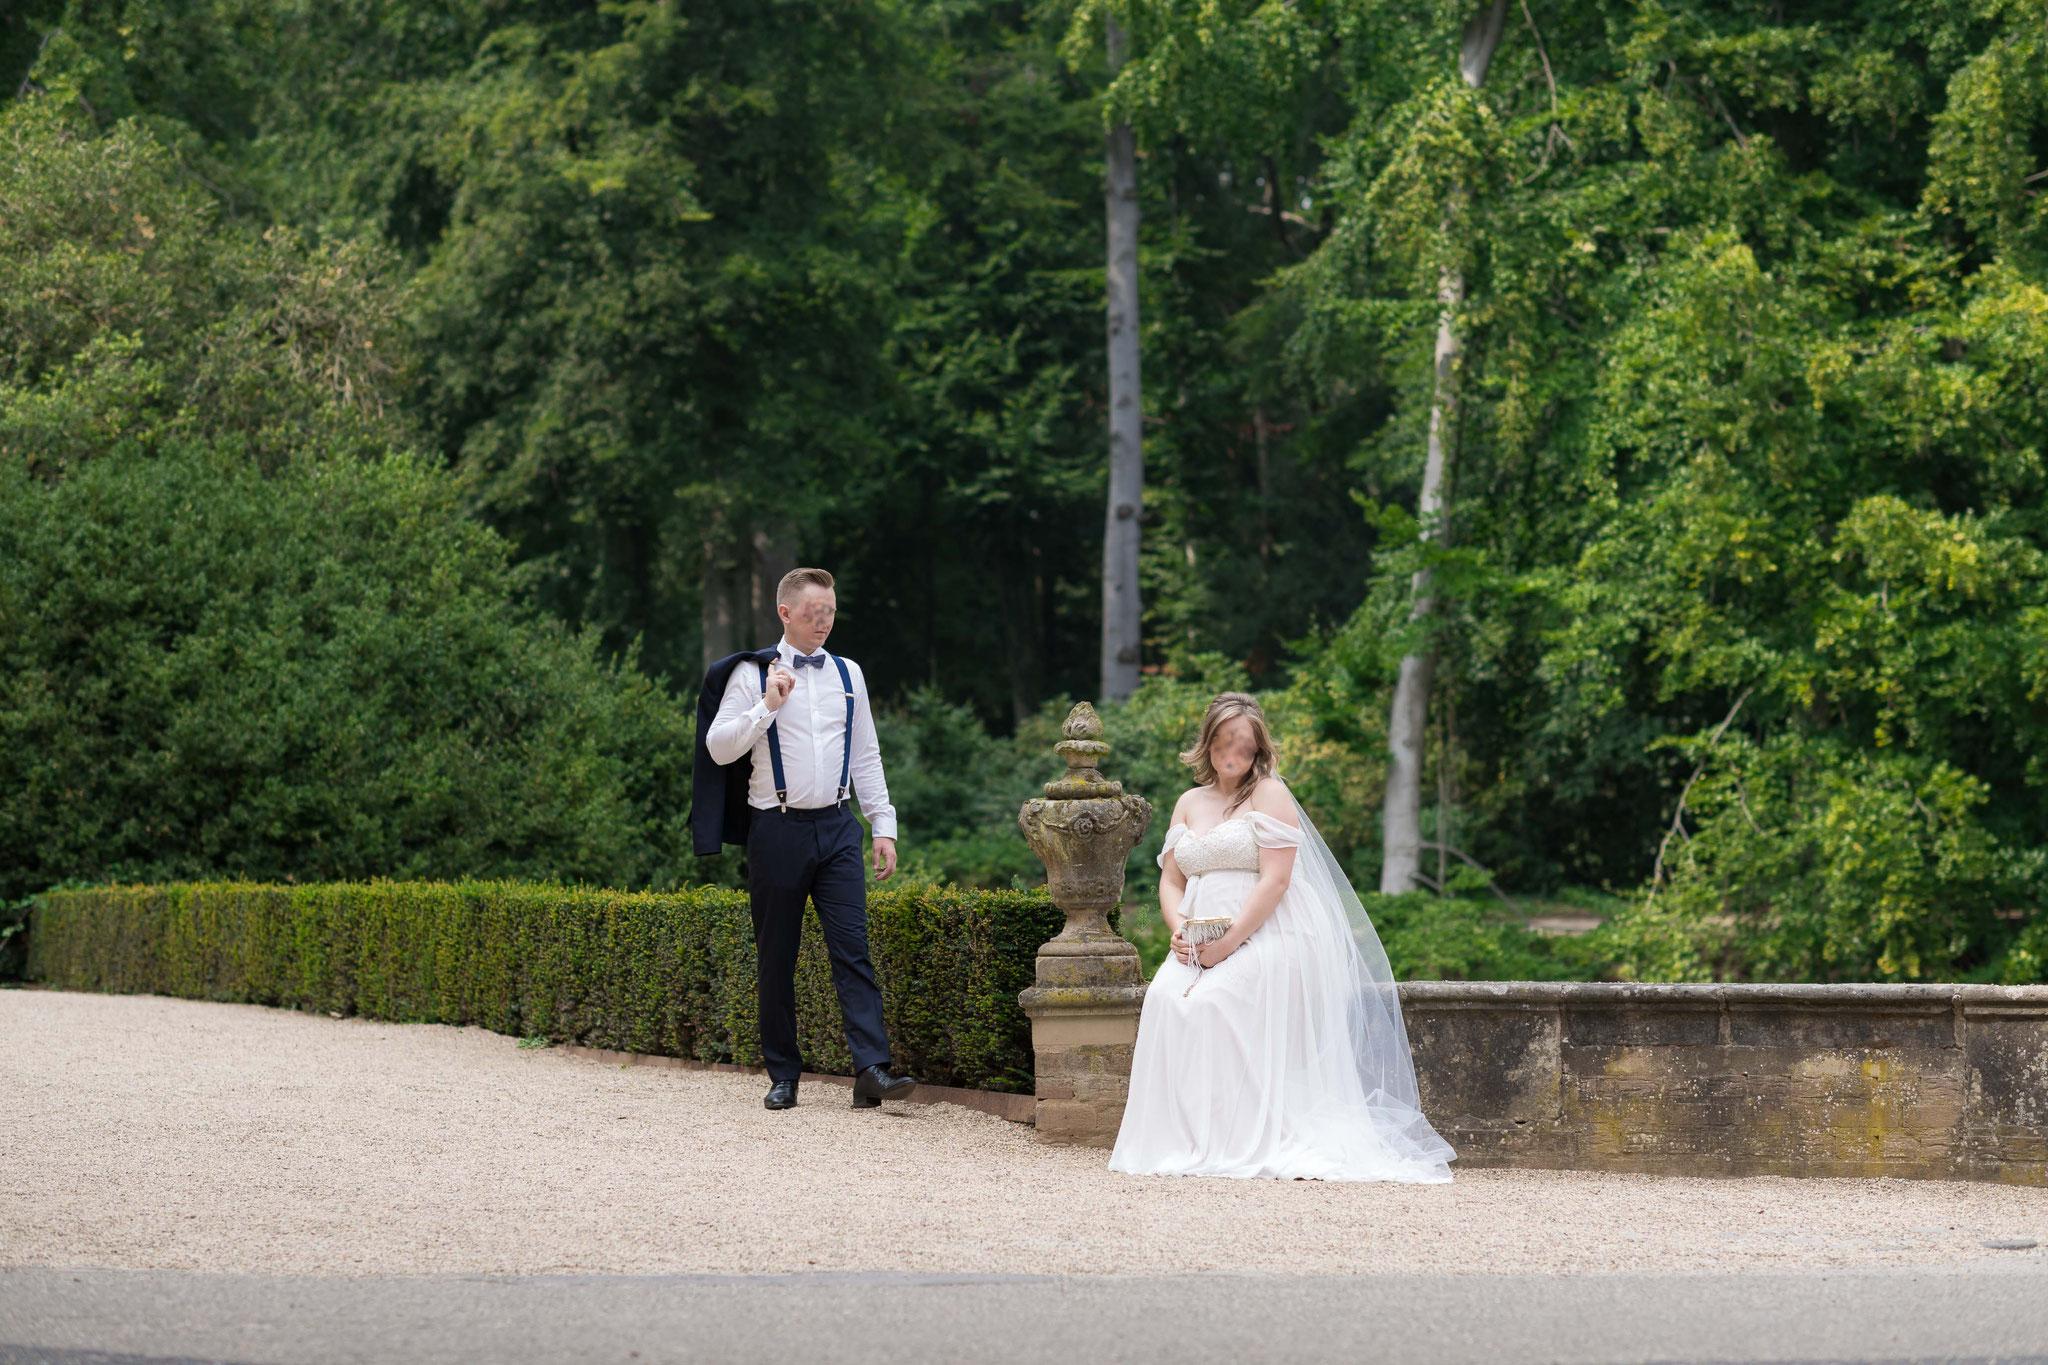 Fotoshooting mit der Braut und dem Bräutigam im Schlosspark Dyck in Neuss